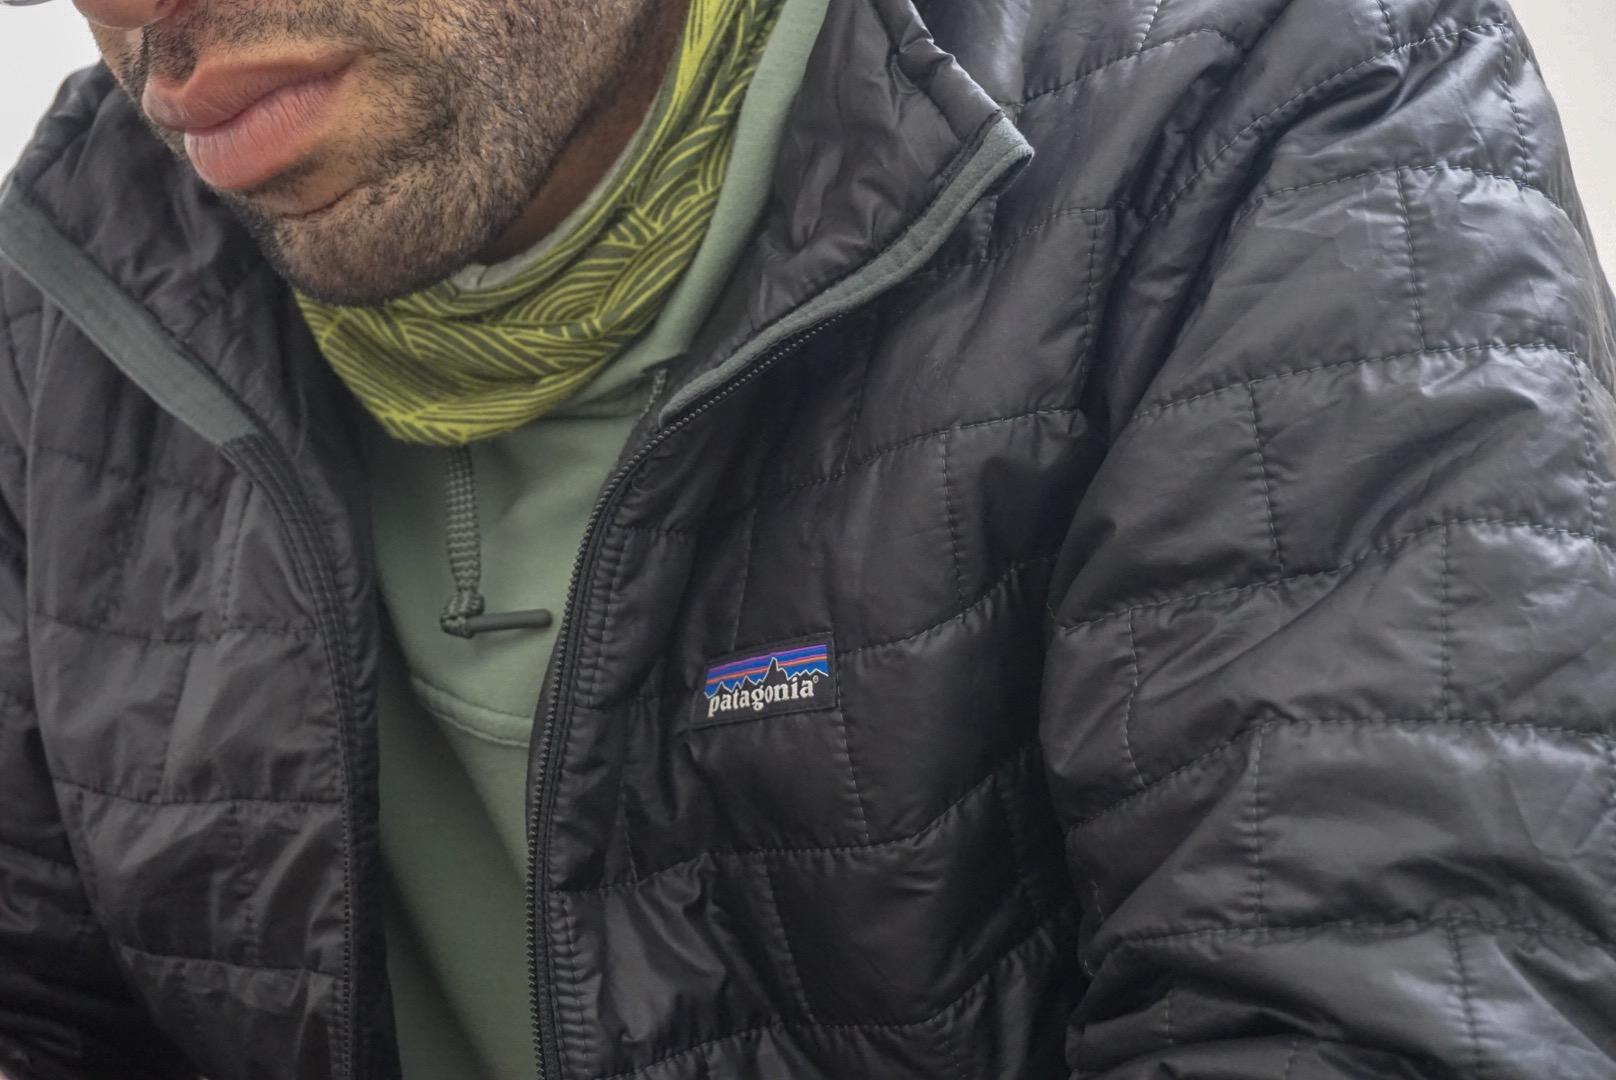 Patagonia logo.  Photo courtesy of Adam Edwards